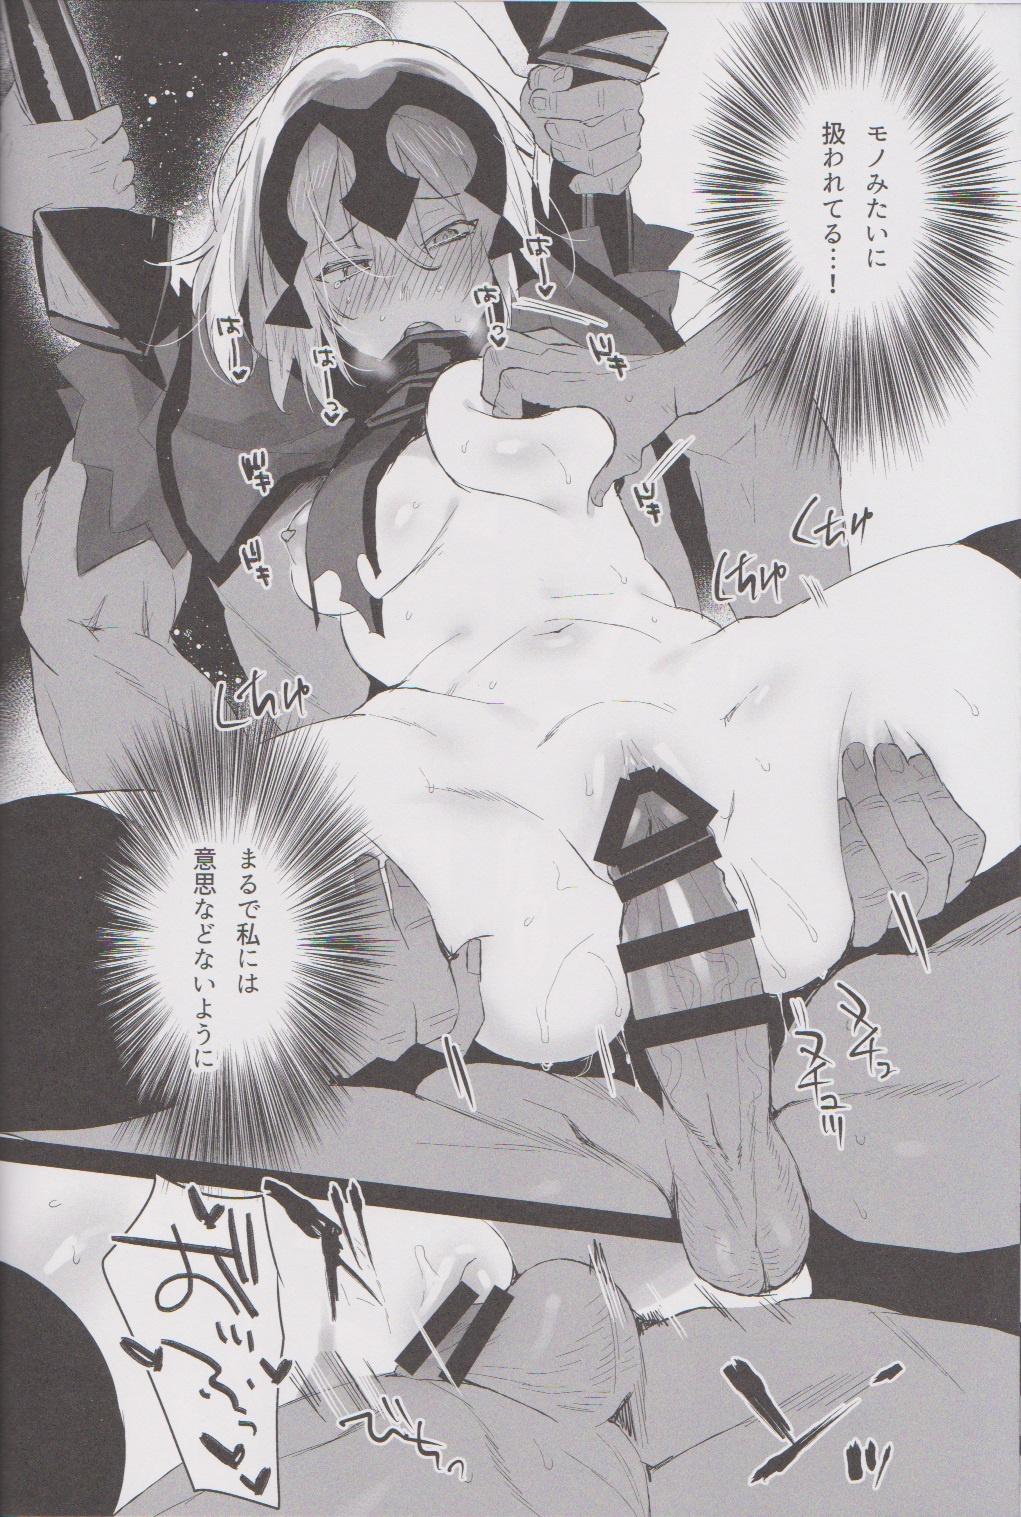 【FGO エロ漫画・エロ同人】巨乳のジャンヌ・オルタが捕らわれて集団レイプされちゃってるwひたすら中出しセックスで陵辱され身体中ザーメンだらけにwww (17)